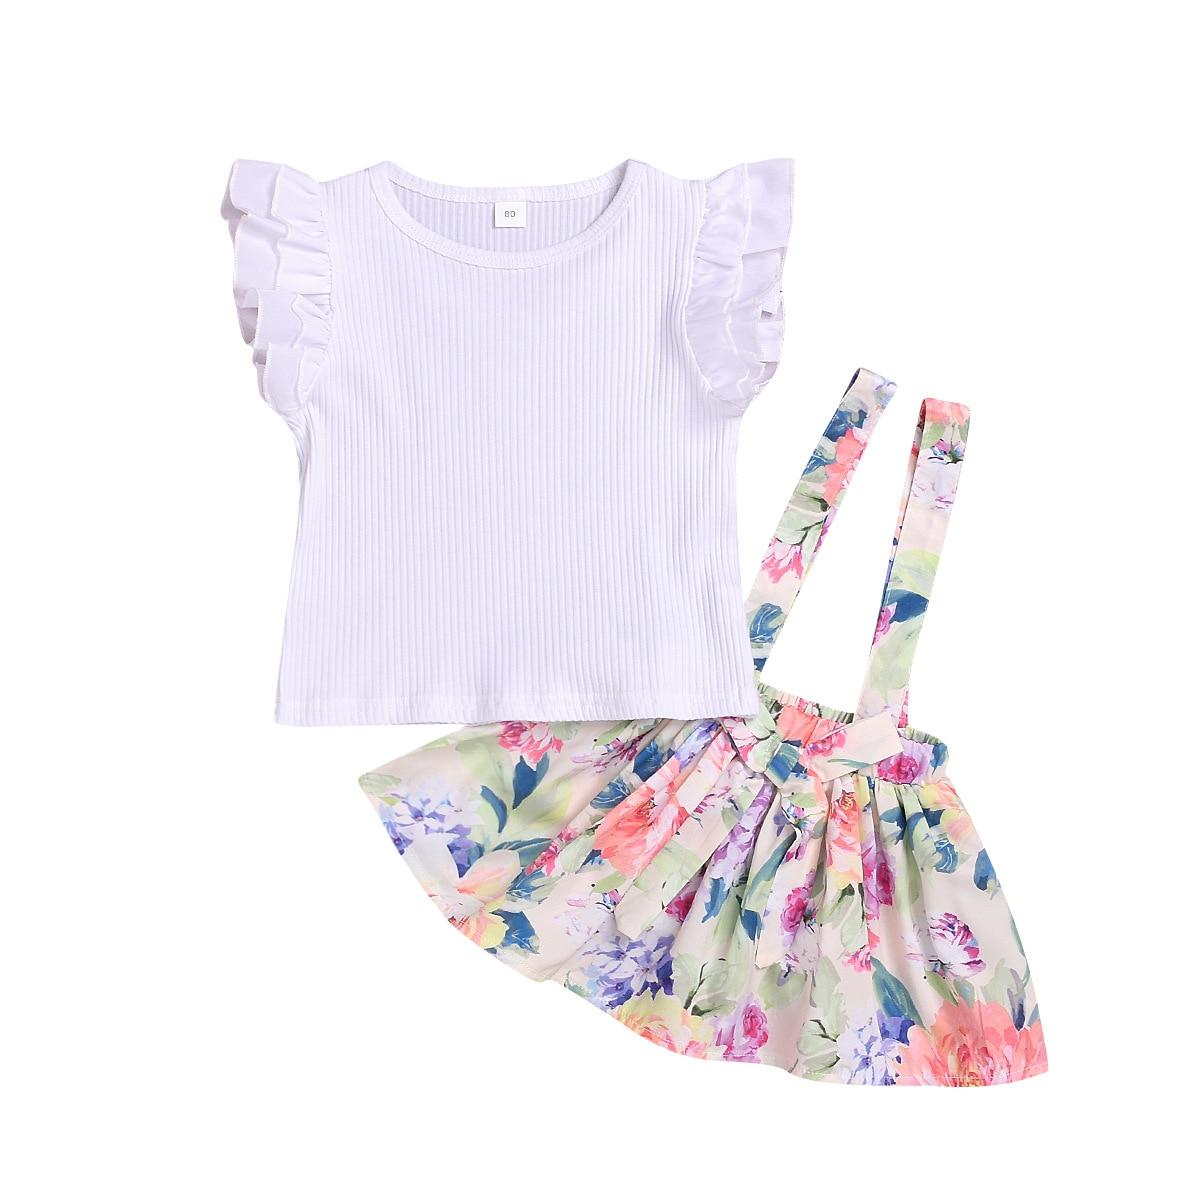 Cotton Printed Strap Dress Suit Girls Clothes L4.17 3